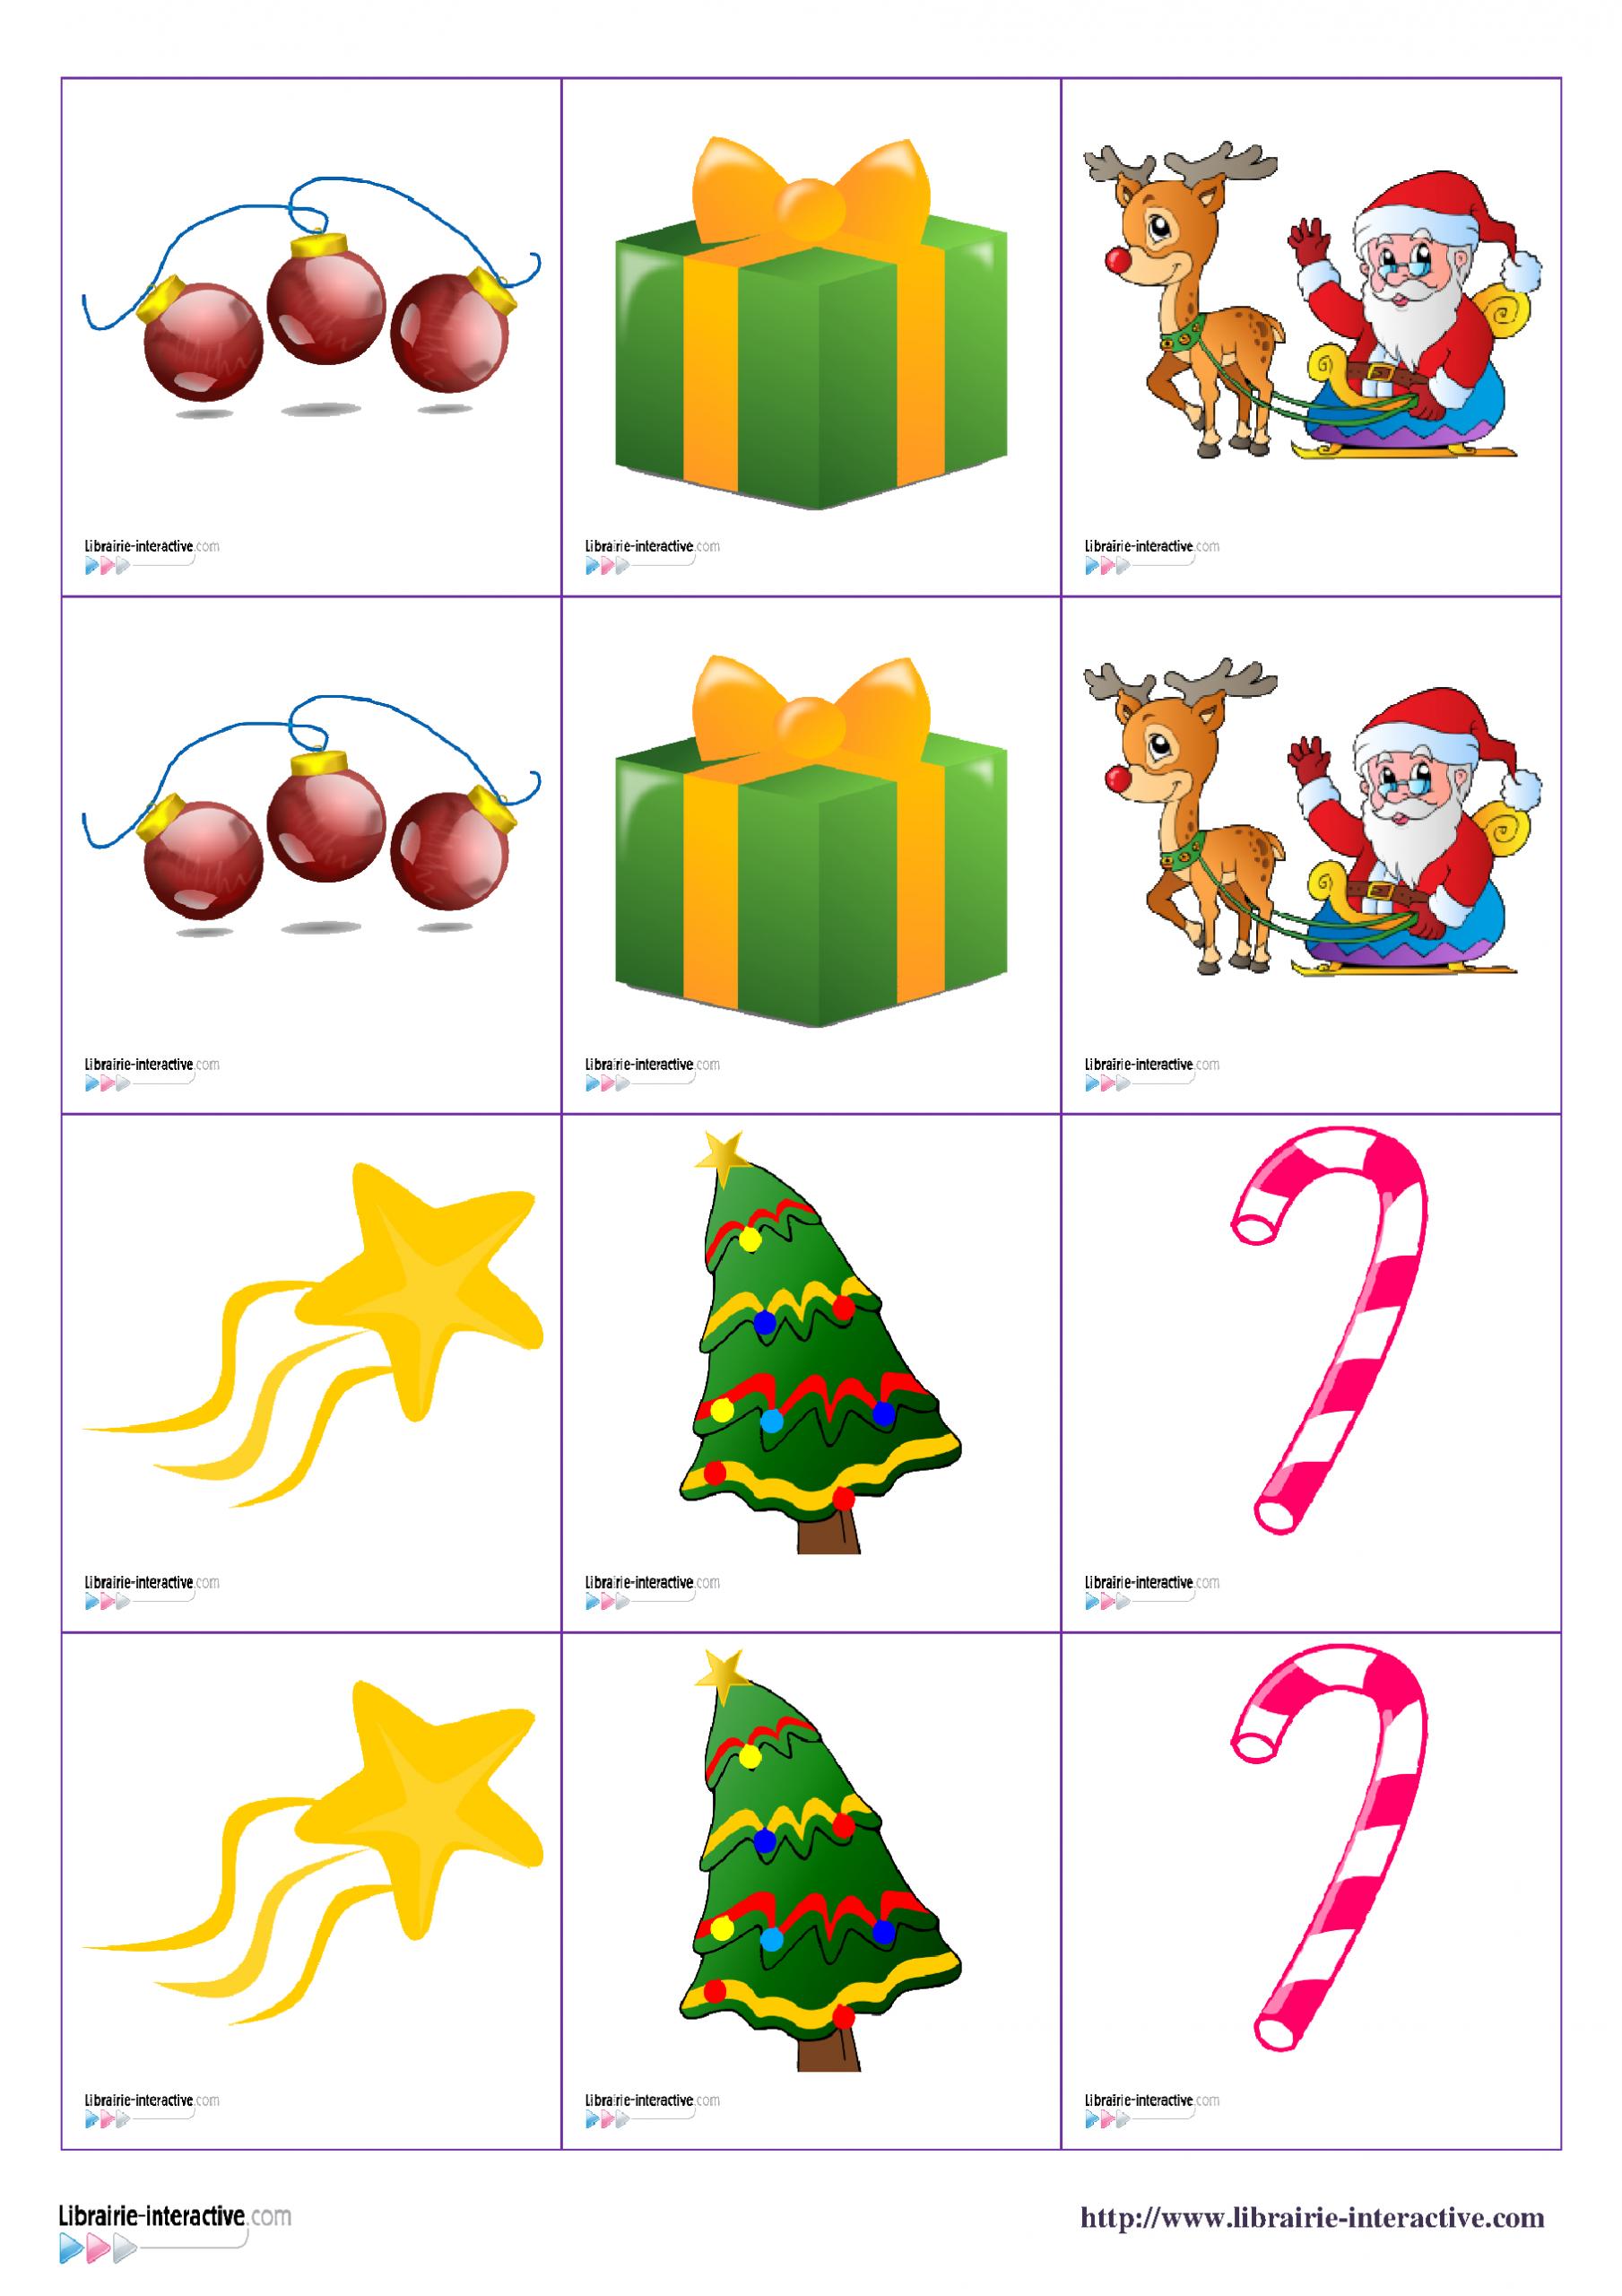 Deux Jeux De Memory De 30 Images Chacun, Sur Le Thème De serapportantà Jeux De Memory Pour Enfants